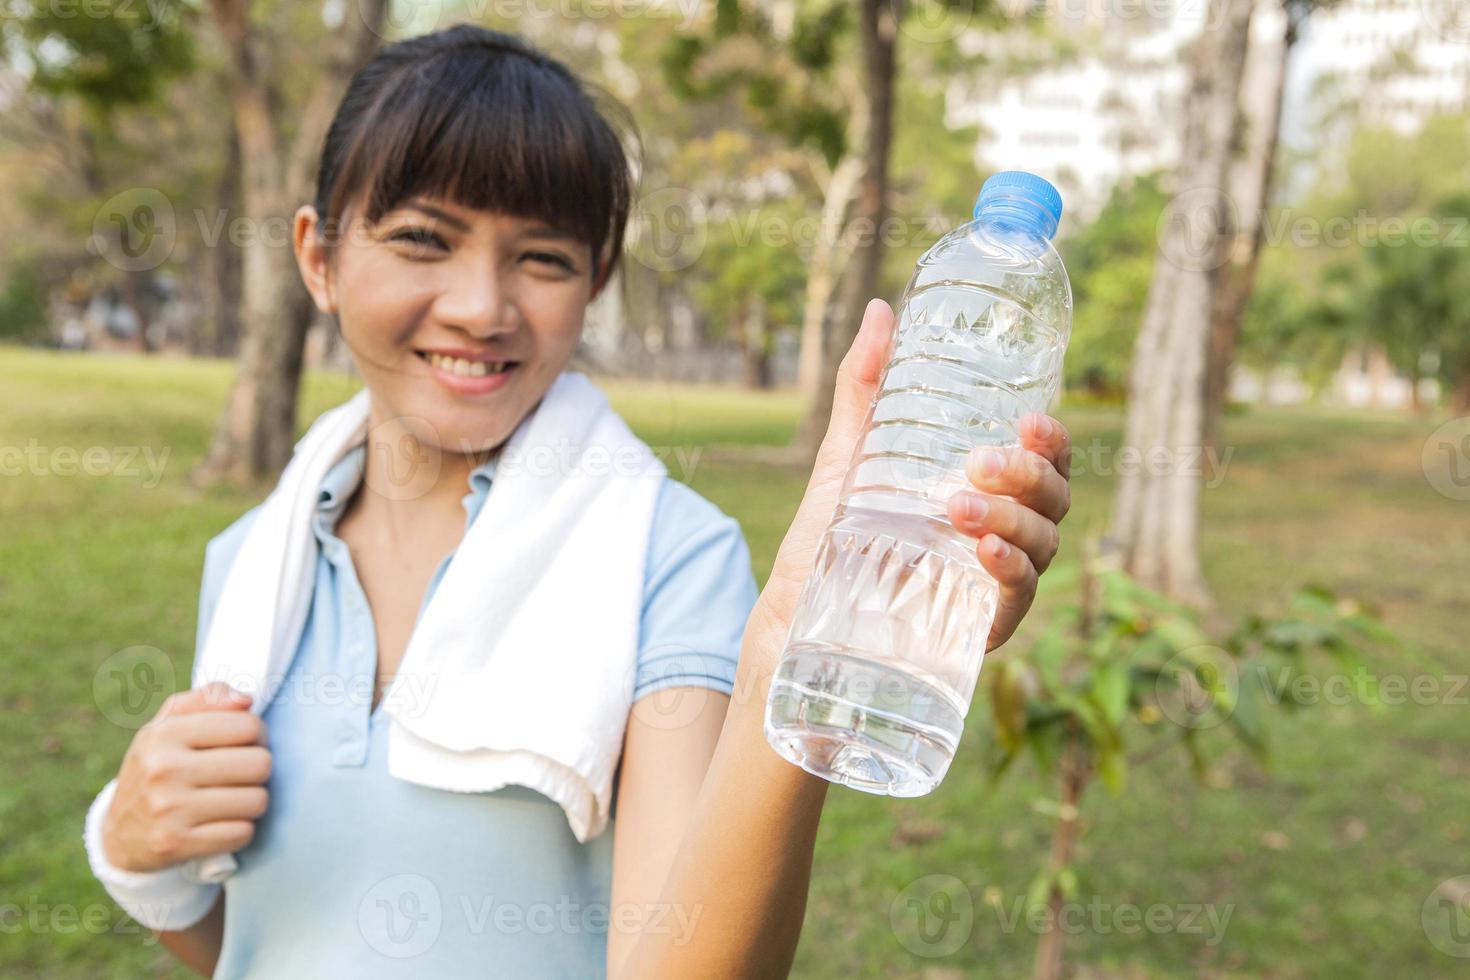 asiatique, sport, femme, sourire, projection, bouteille eau photo